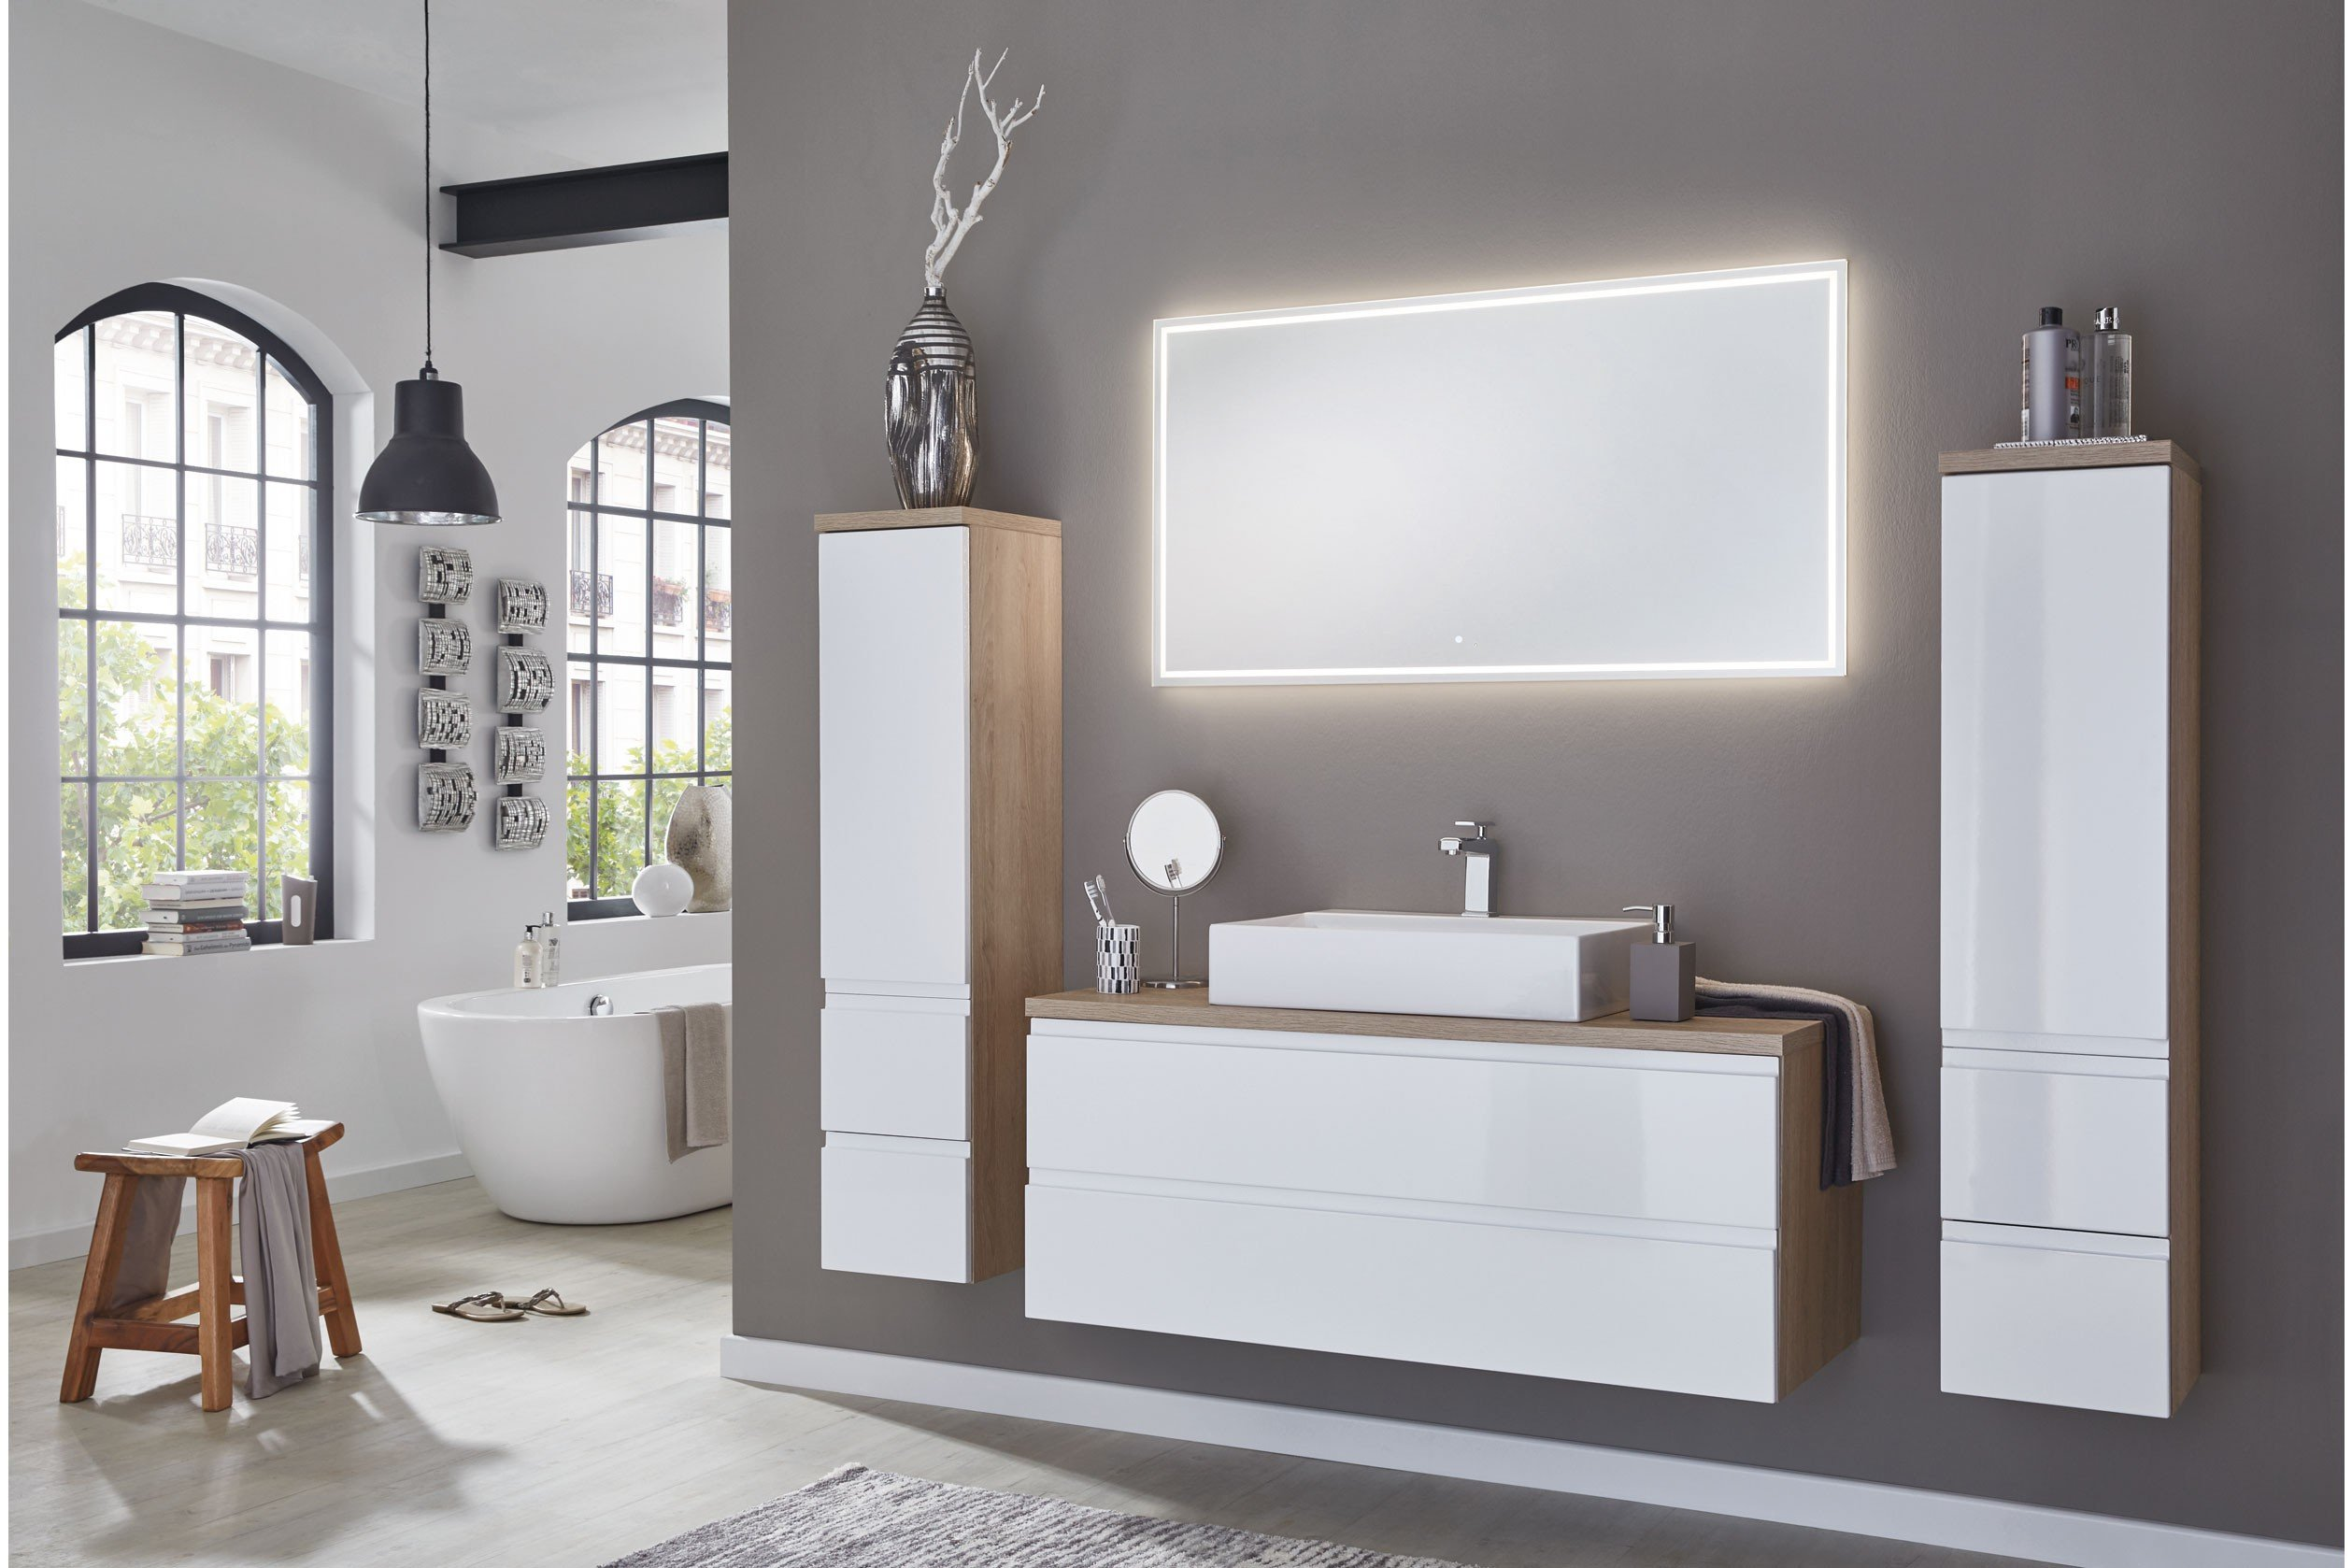 badezimmer variado 2.0 eiche weiß/ eiche von puris | möbel letz, Badezimmer